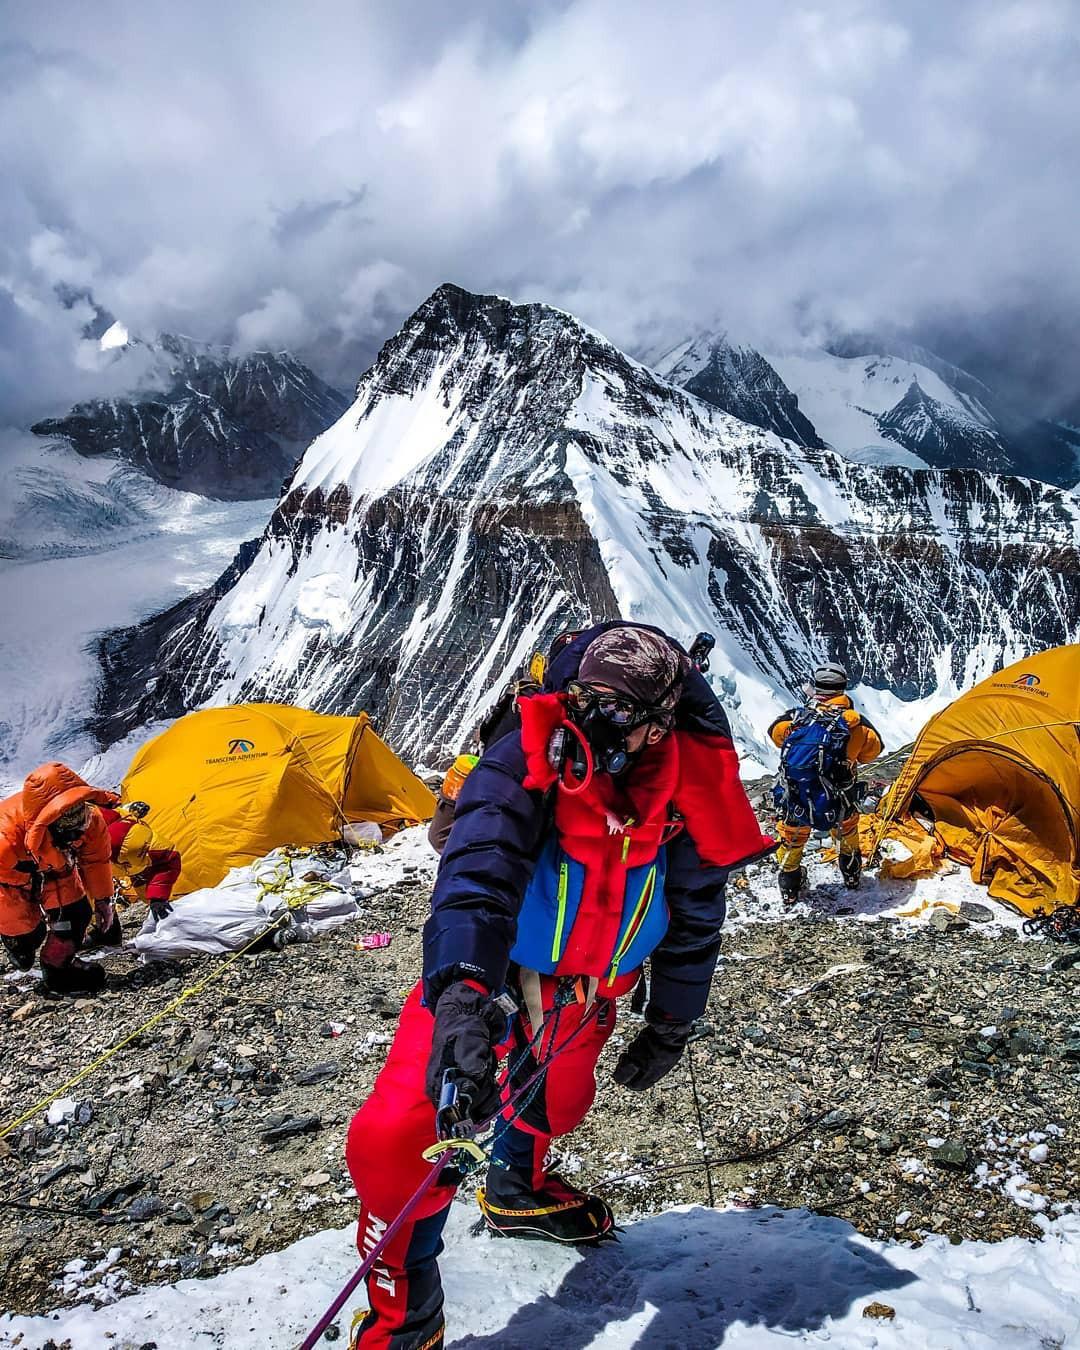 2 nữ du khách thiệt mạng trong lúc chinh phục đỉnh Everest: Biết nguyên nhân xong bạn sẽ rút ra bài học cho mình trong quá trình trekking - Ảnh 3.